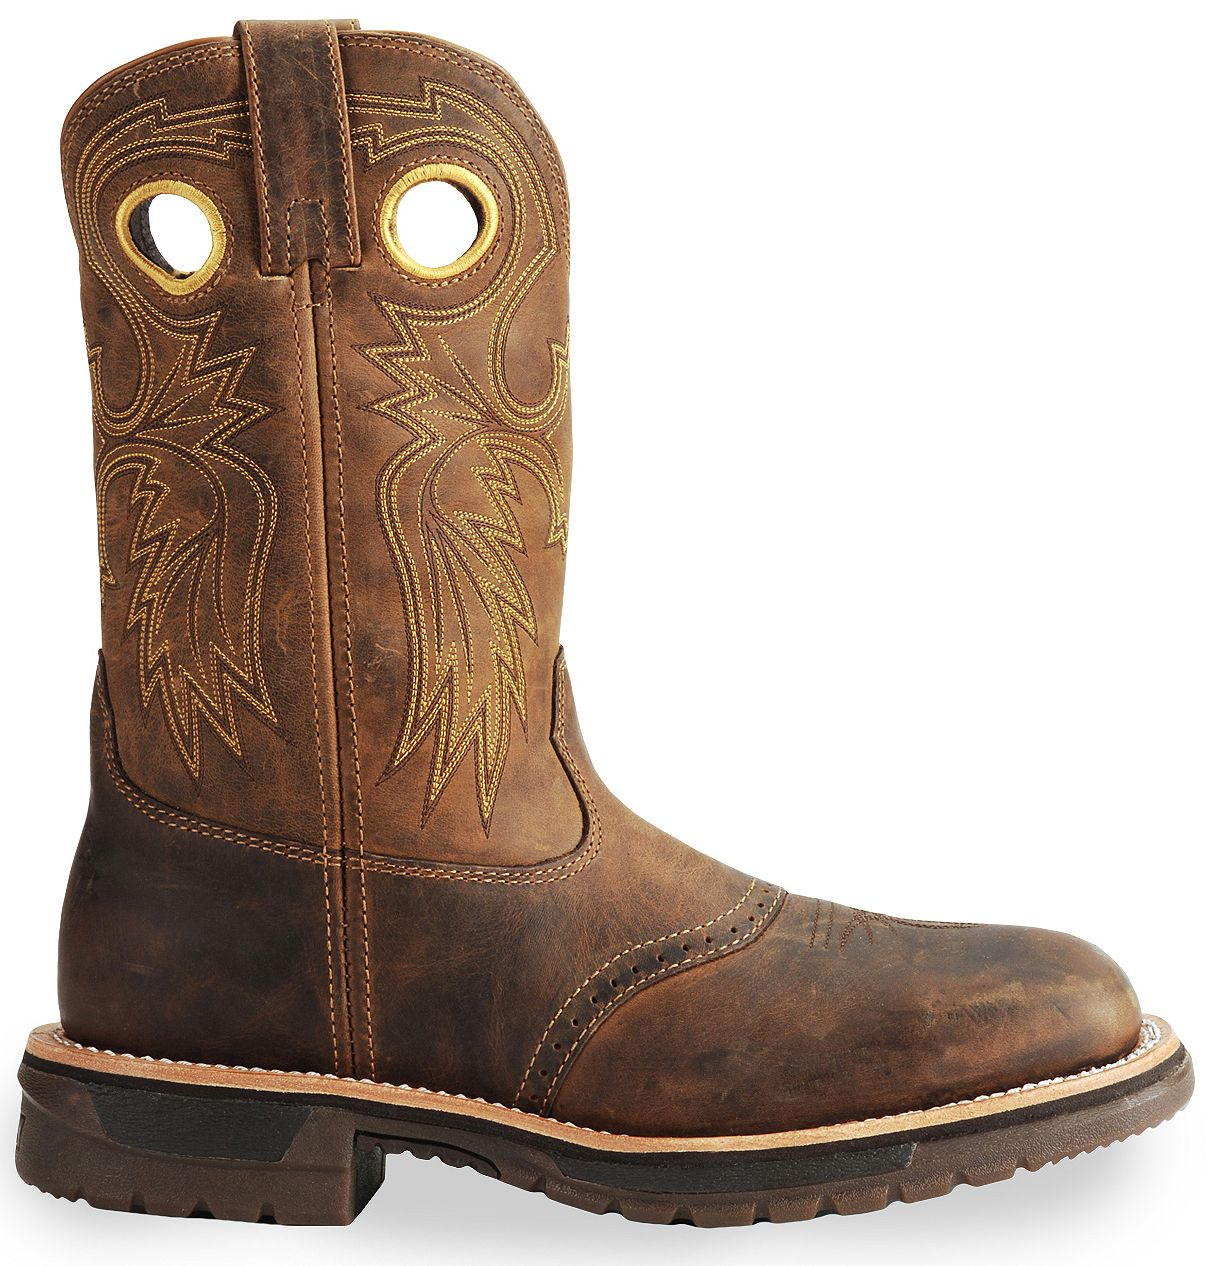 Rocky Ride Western Work Boot - Square Steel Toe | Sheplers